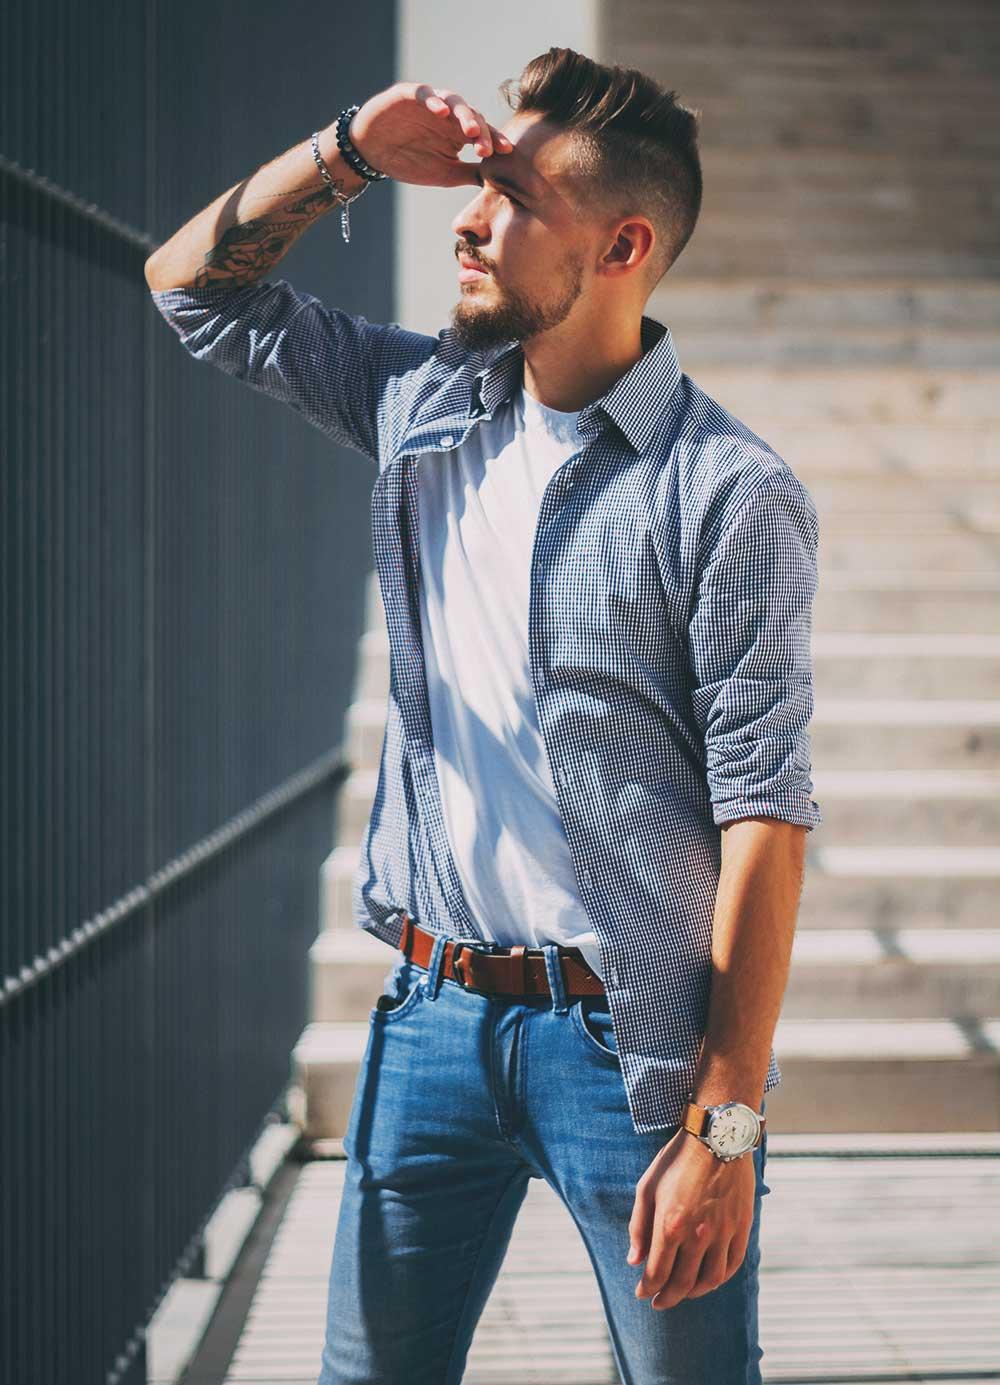 Мужчина за 30 с высоким уровнем тестостерона